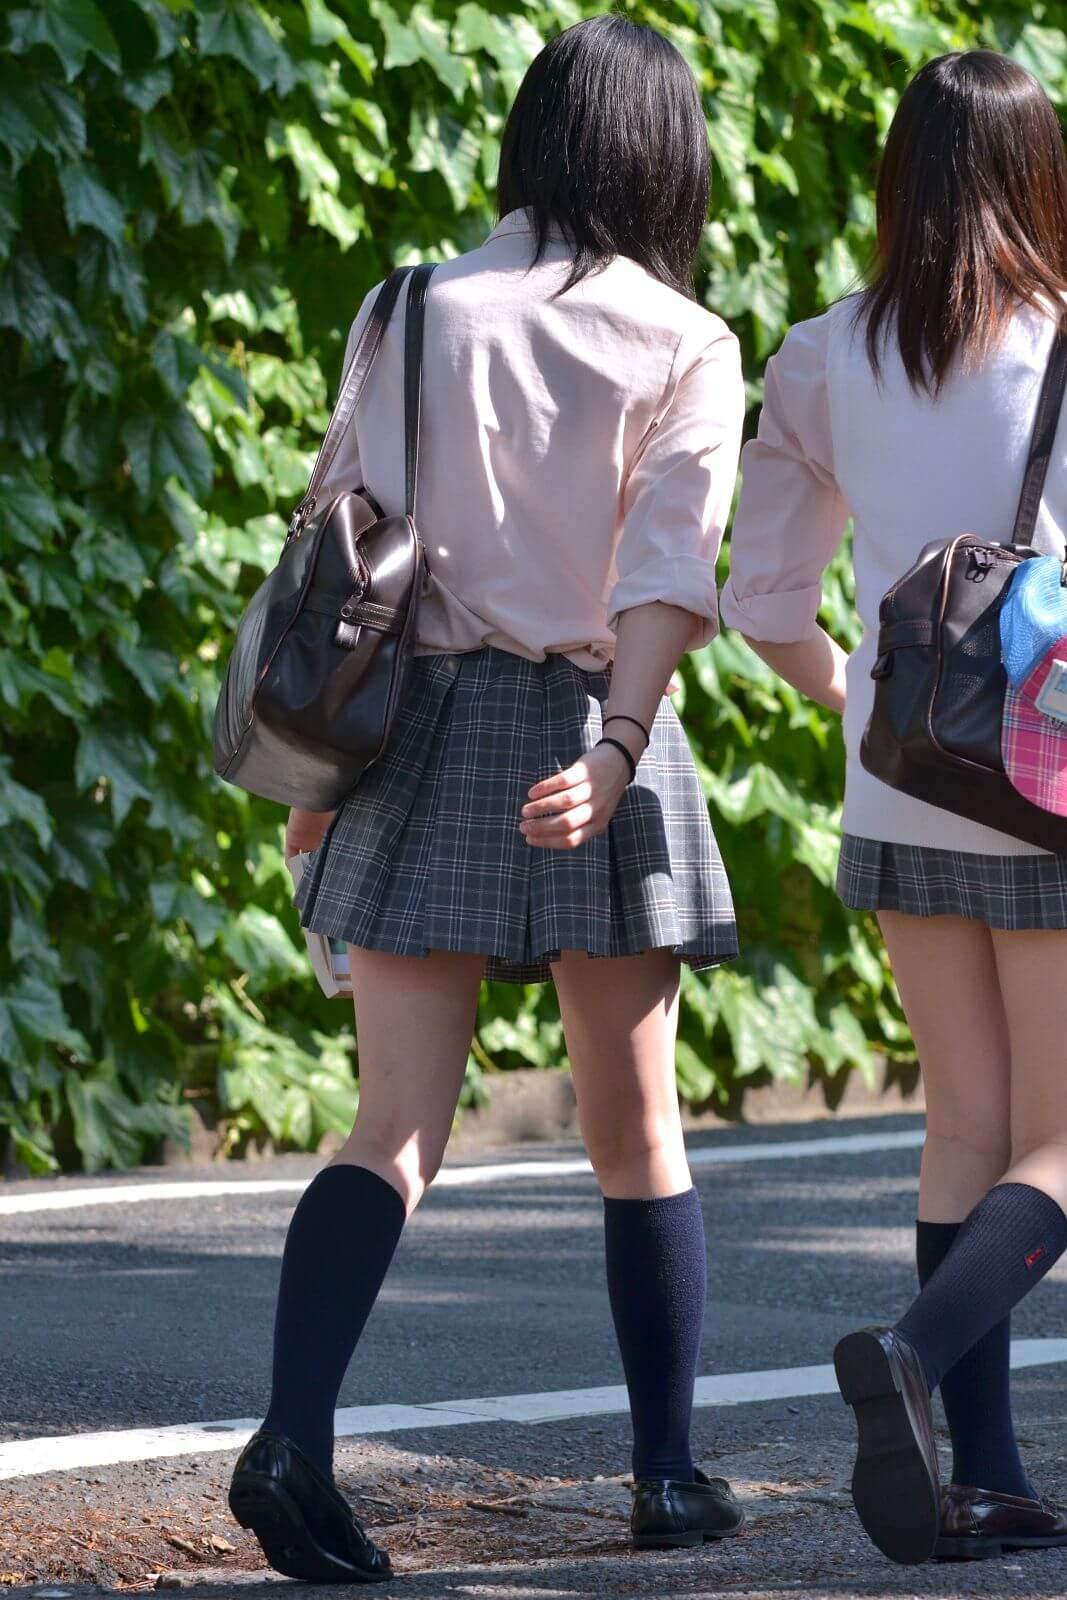 【画像】やっぱり街に制服JKがいないとやる気にならんよな!!